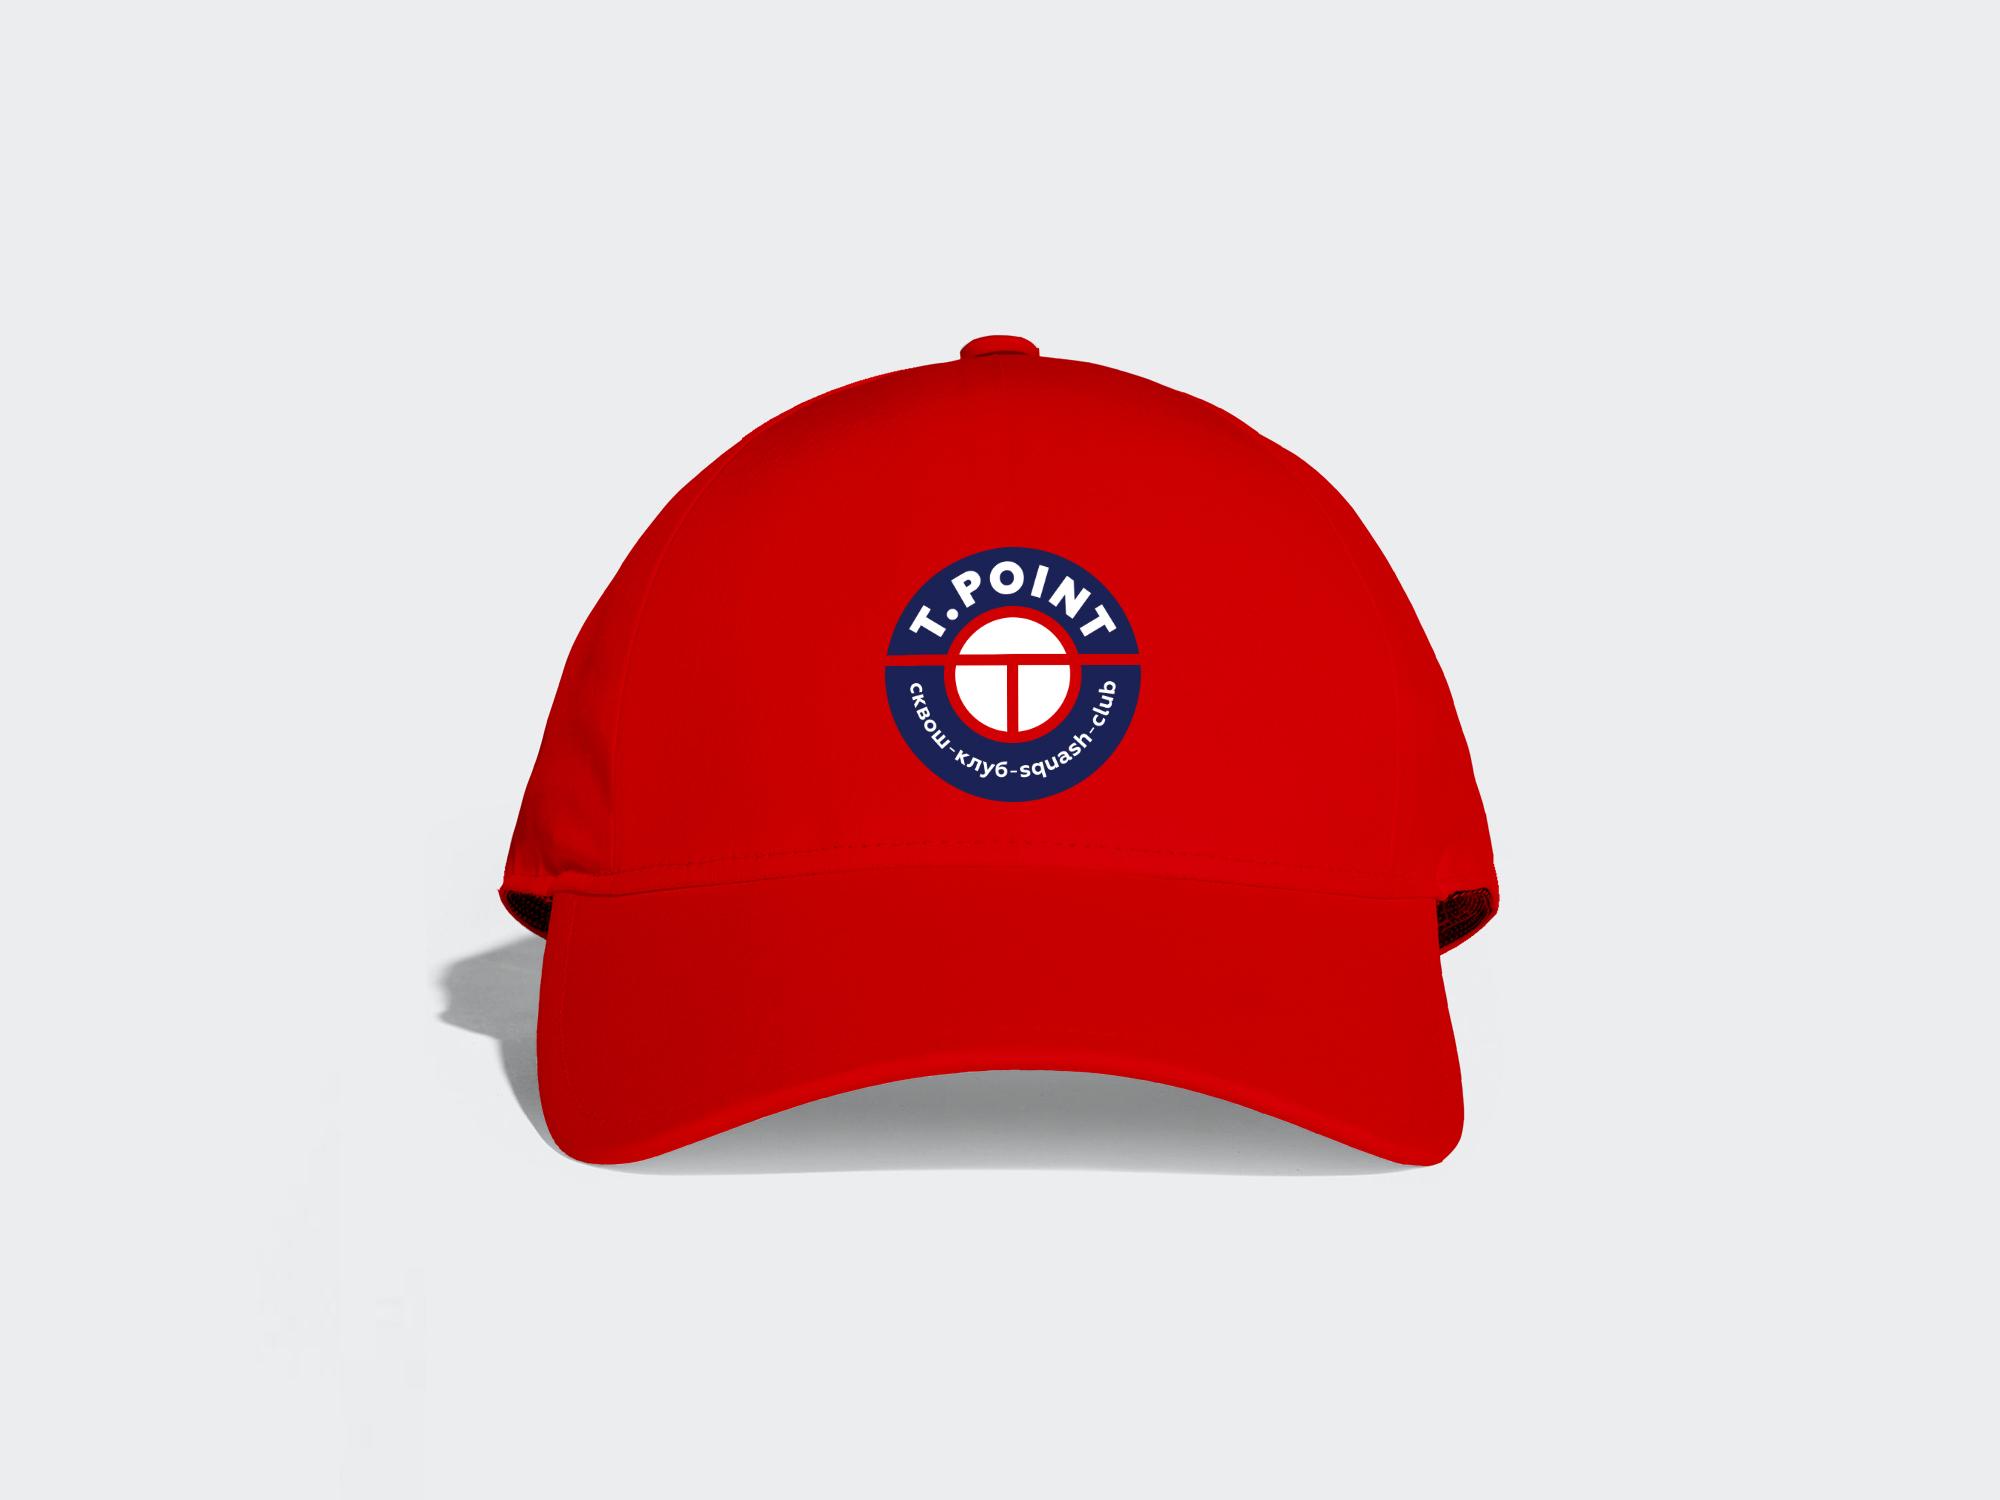 Разработка логотипа Сквош-клуба фото f_3055ce7bb832e63c.jpg